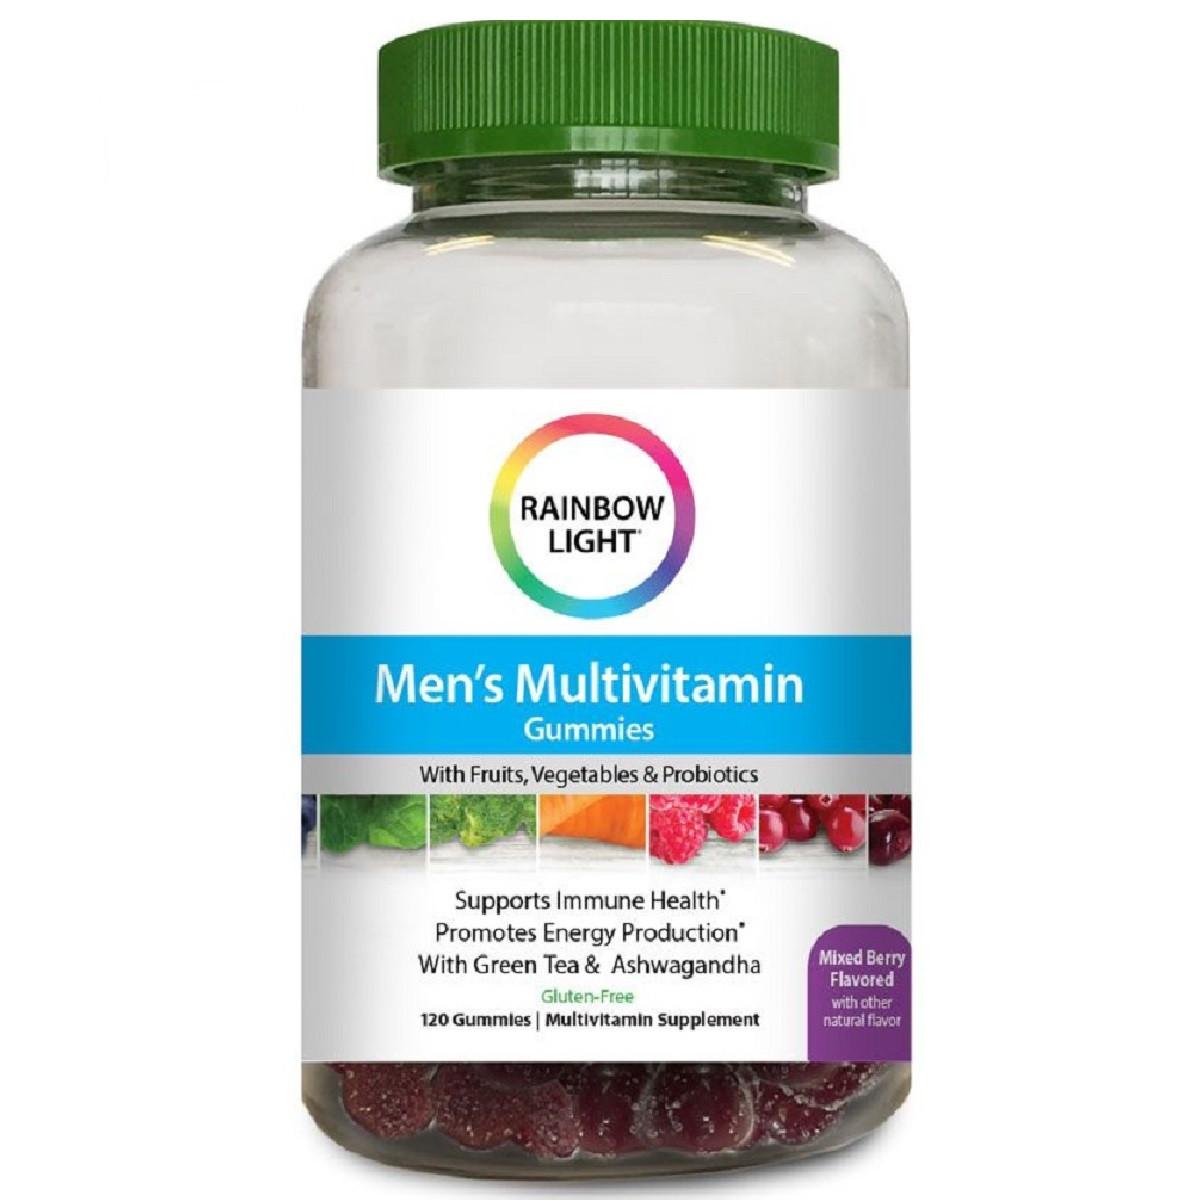 Мужские Мультивитамины, Поддержка Иммунитета, Rainbow Light, 100 жевательных таблеток